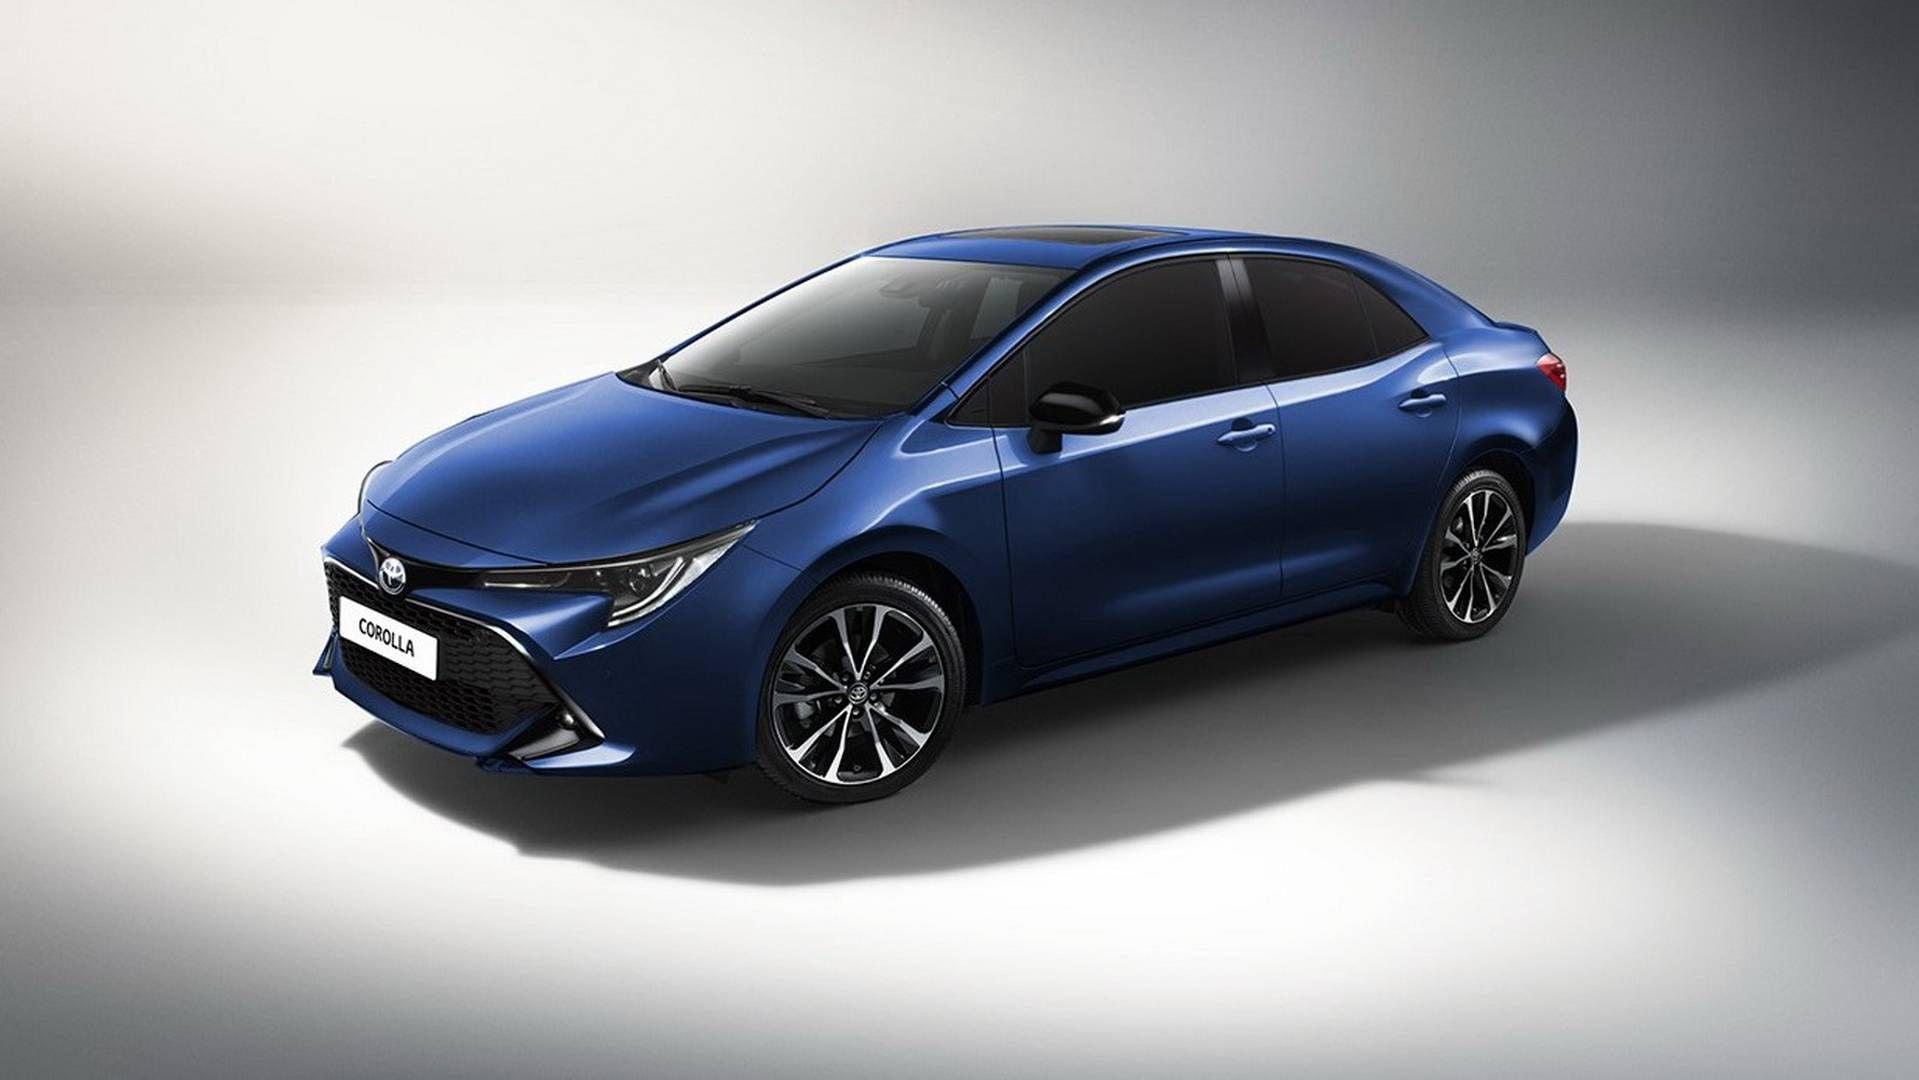 Tampilan Baru Toyota Corolla Yang Terinspirasi Dari Auris